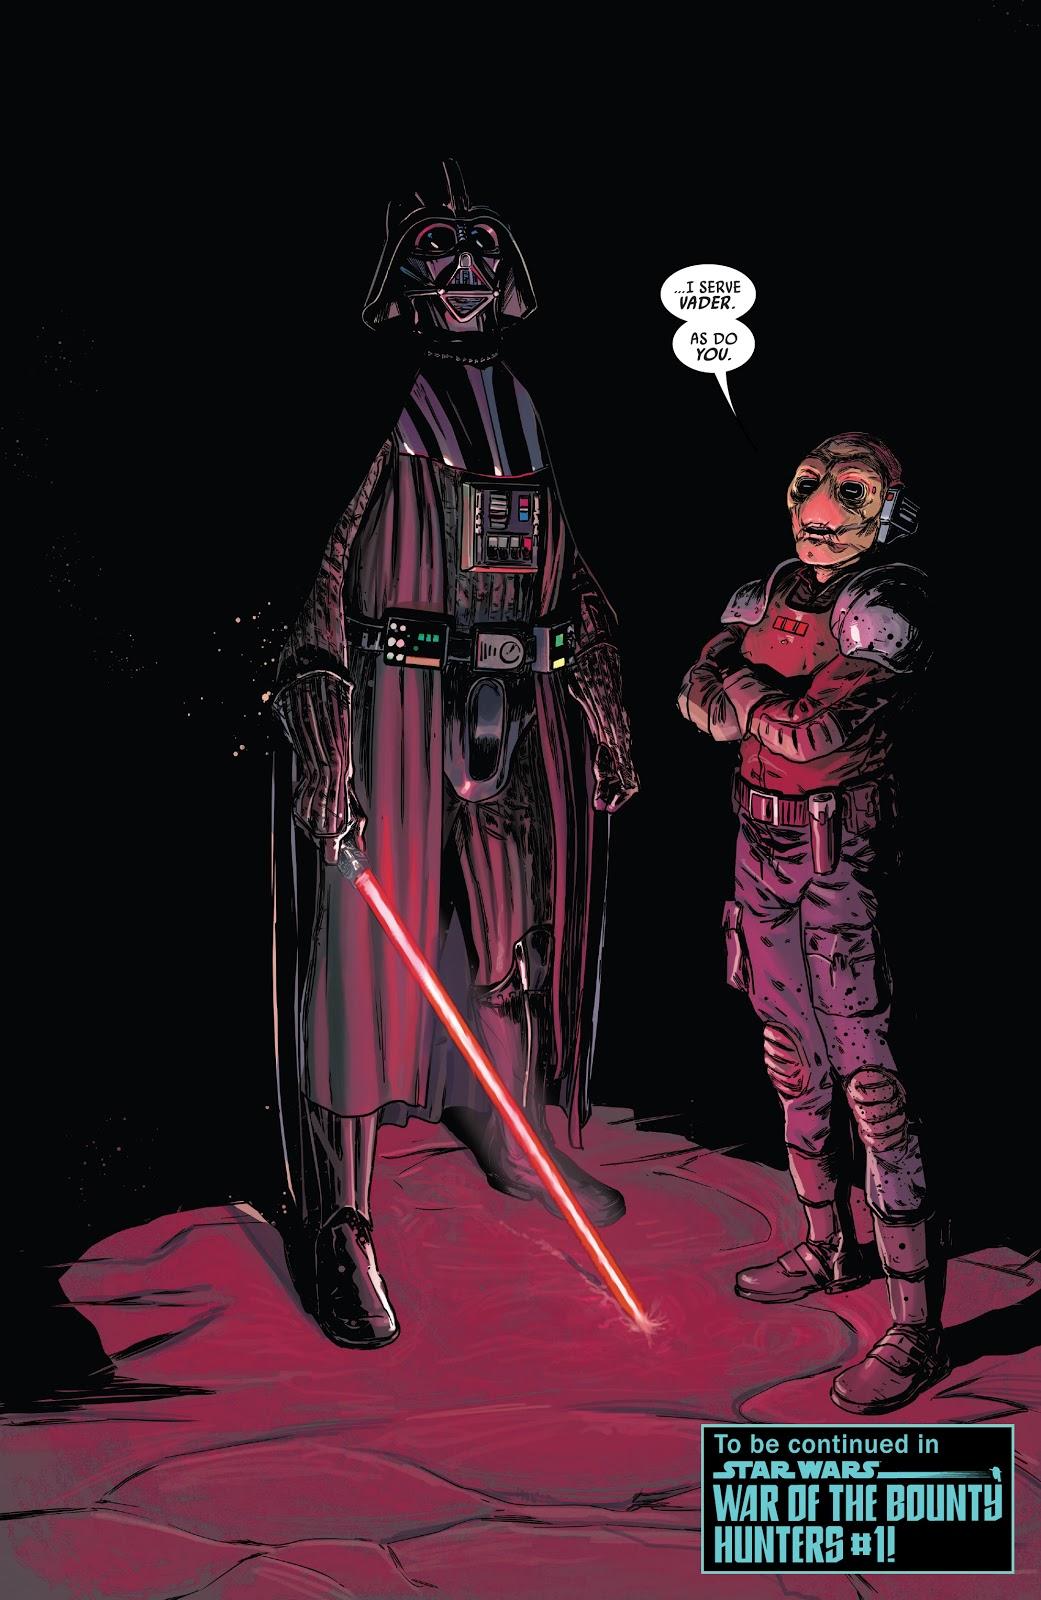 Star Wars: Darth Vader Vol. 1 #12